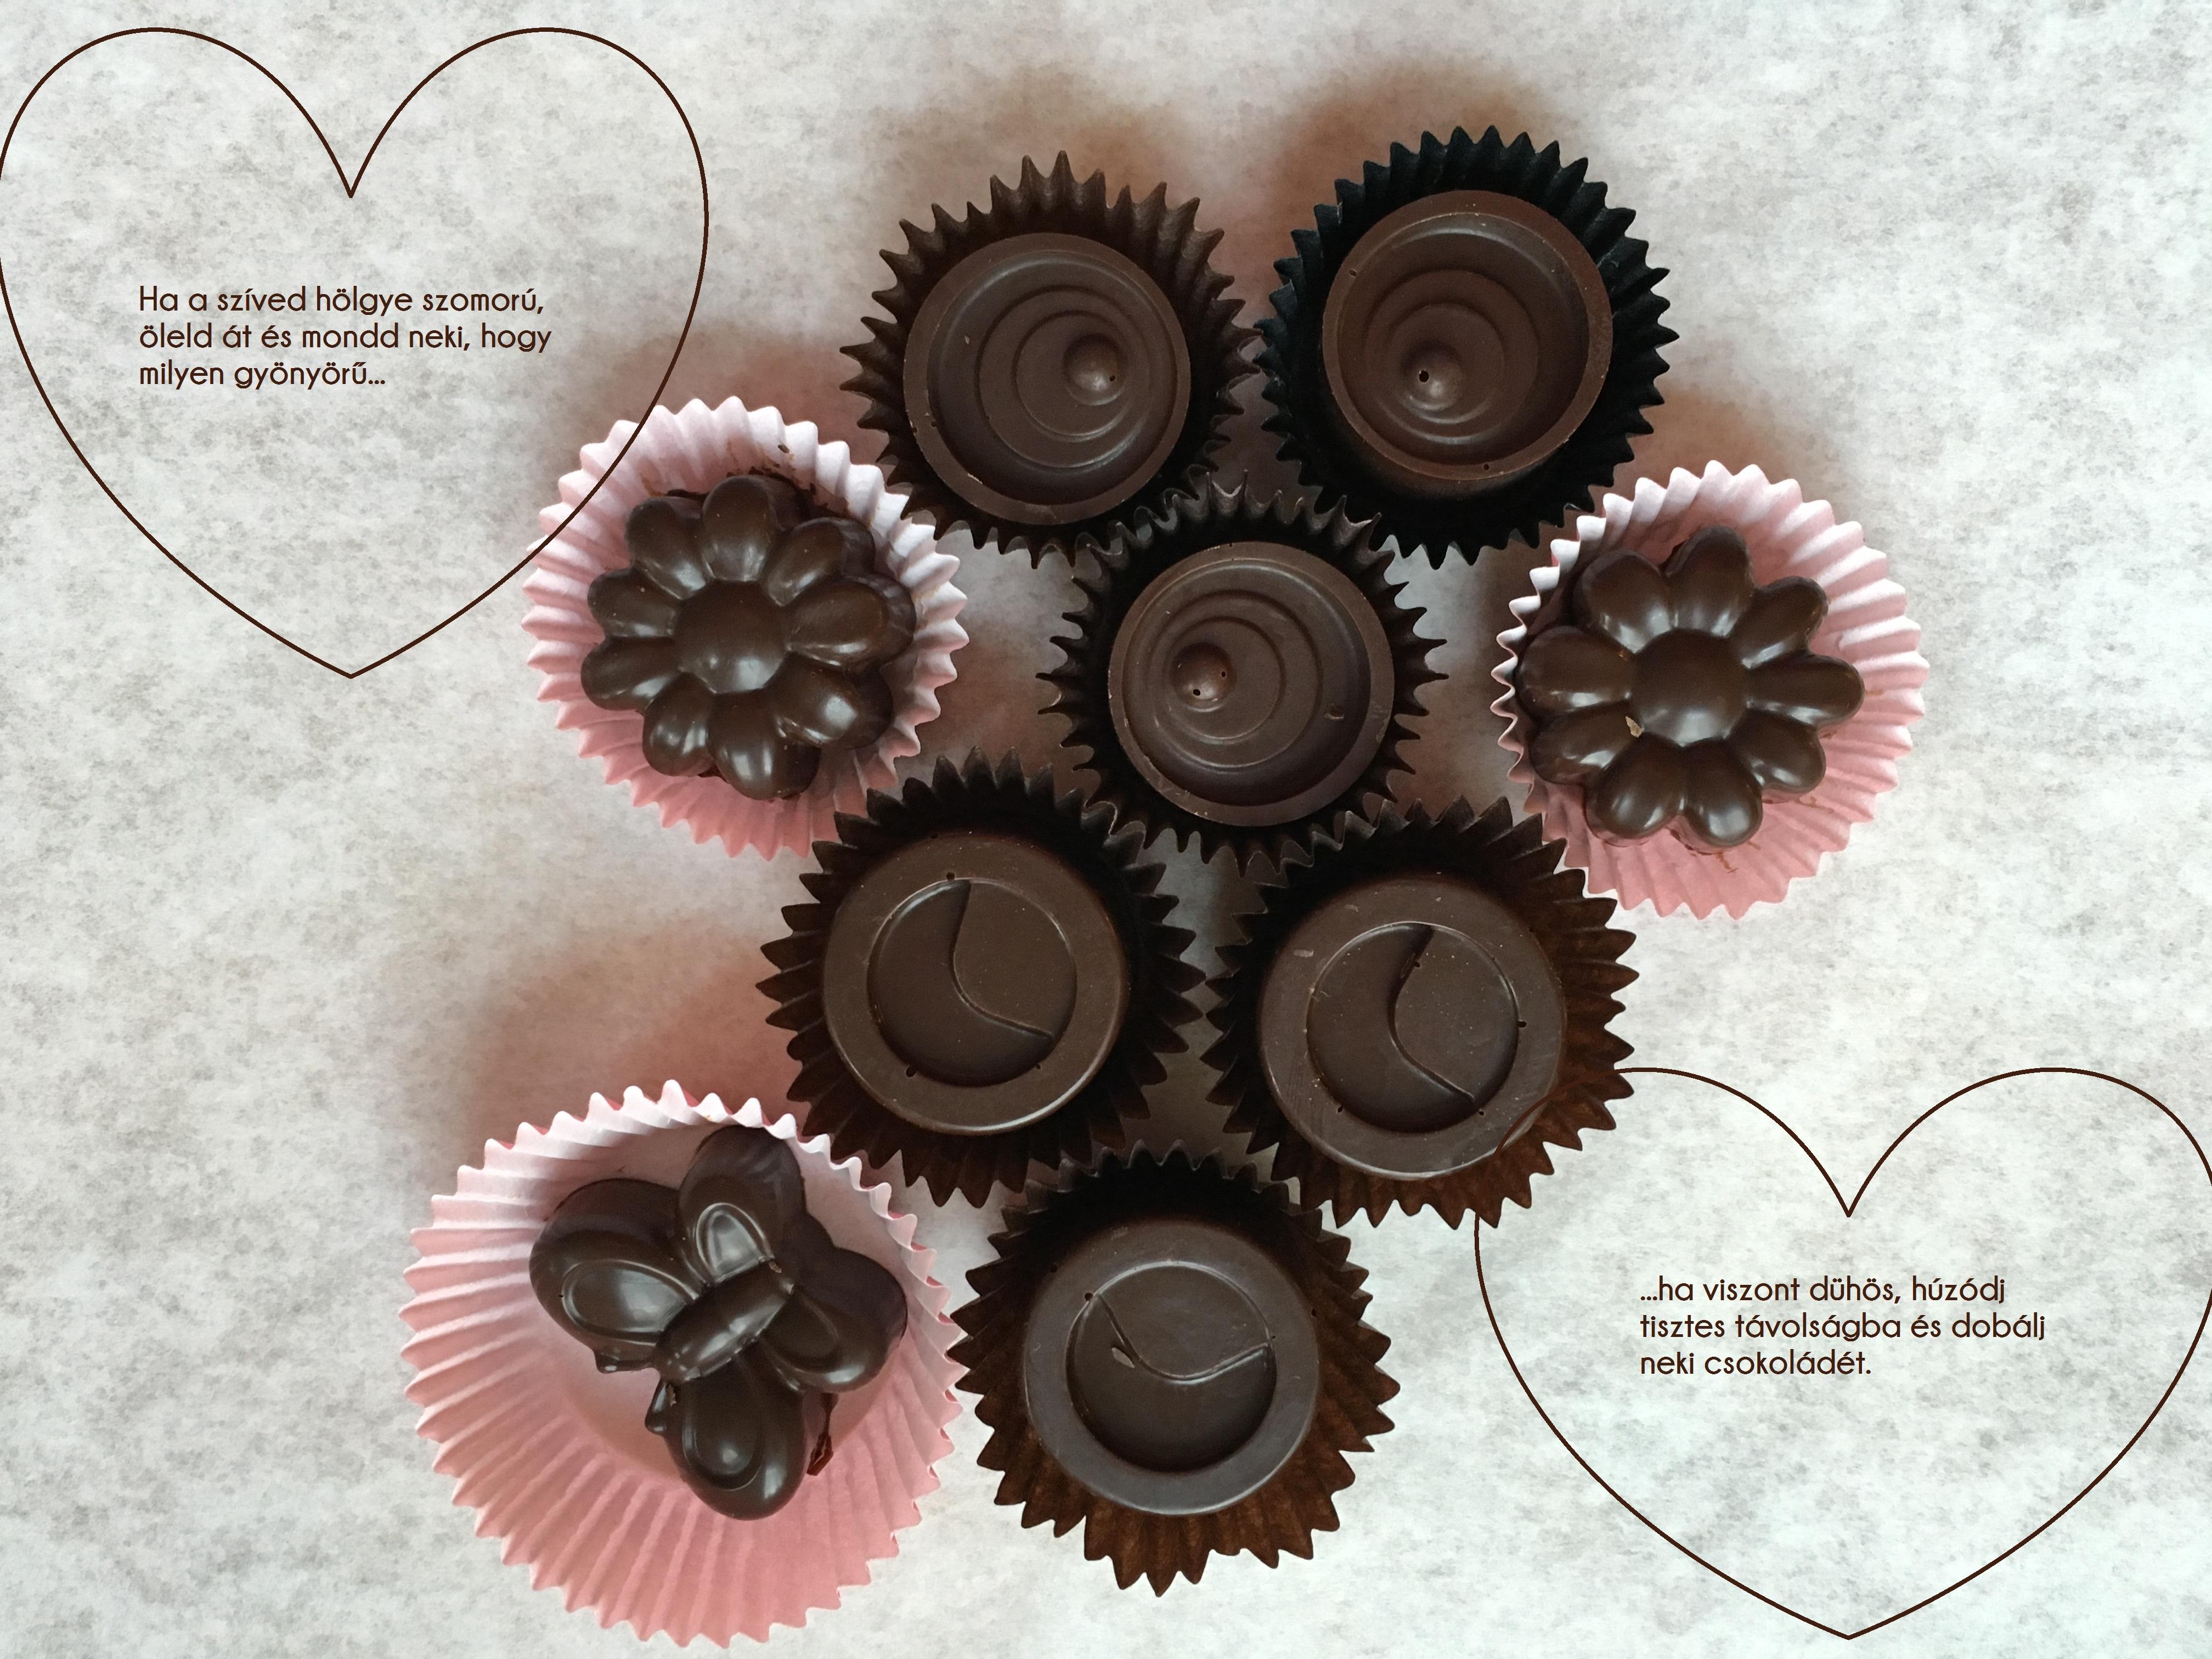 csokiszerelem.jpg